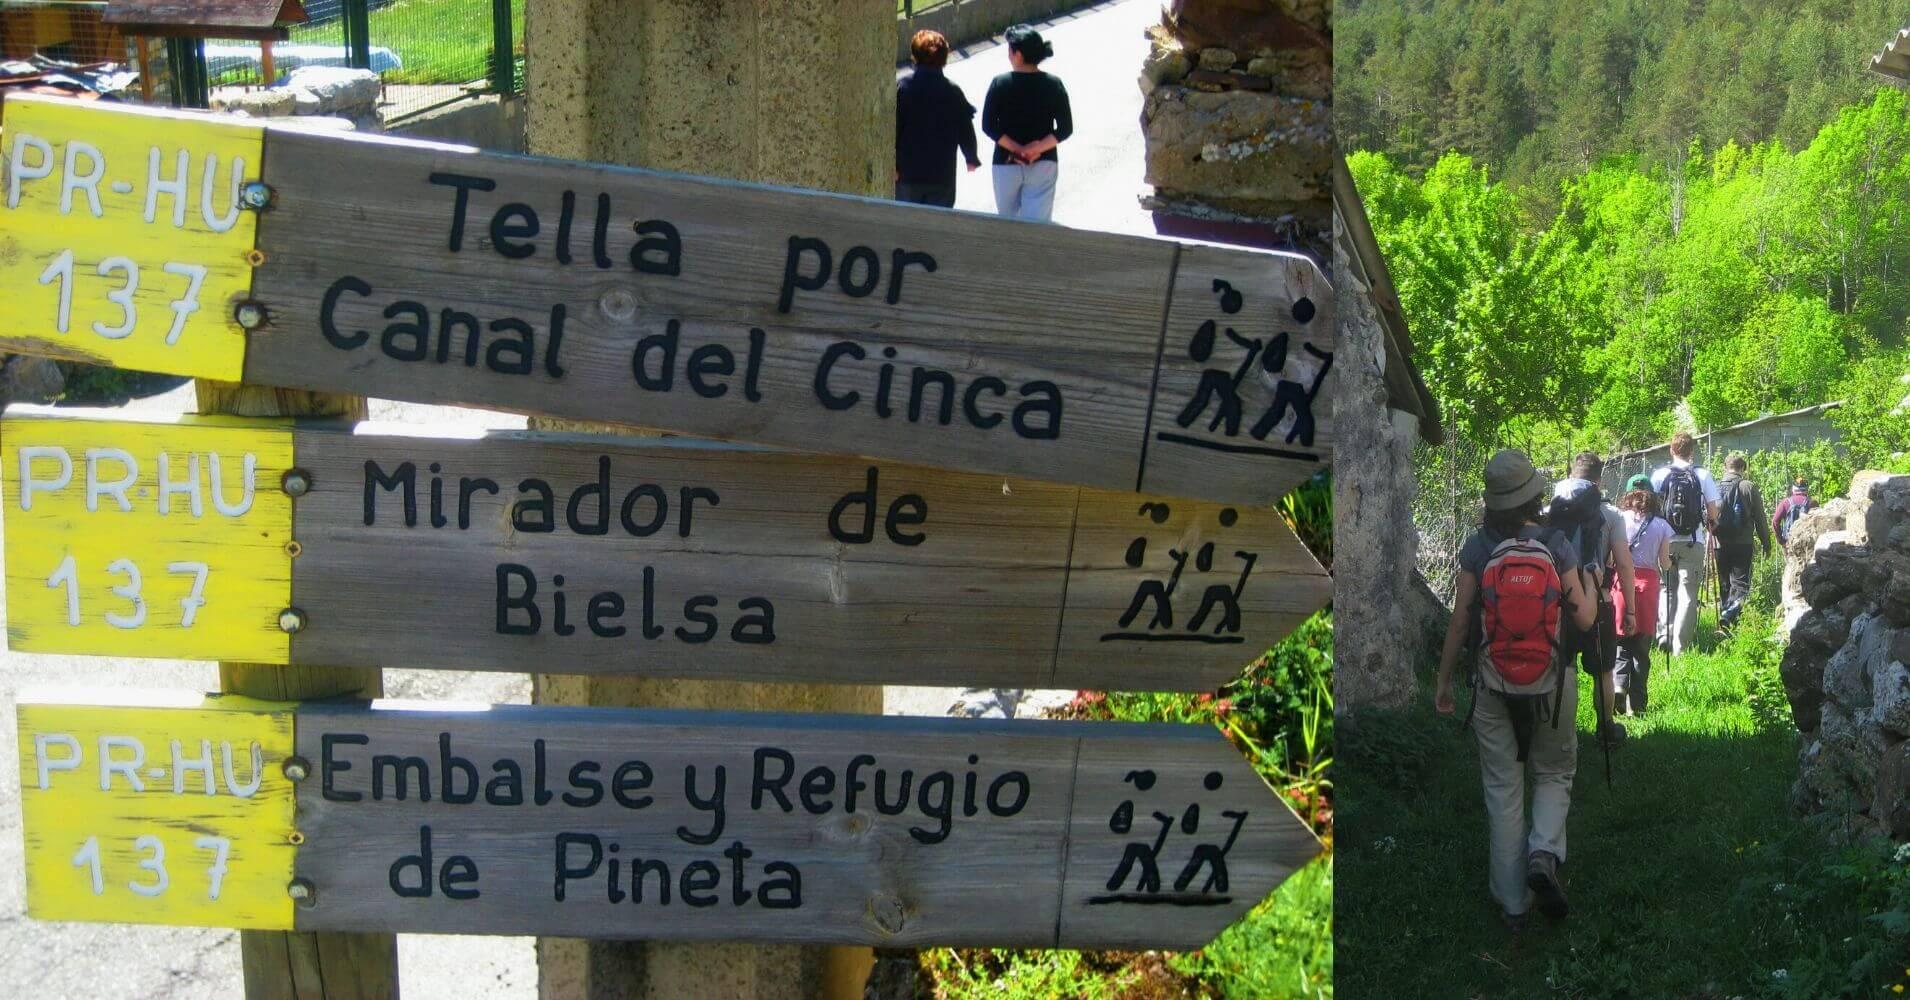 PR HU 137 Bielsa Tella Canal del Cinca. Huesca, Aragón.